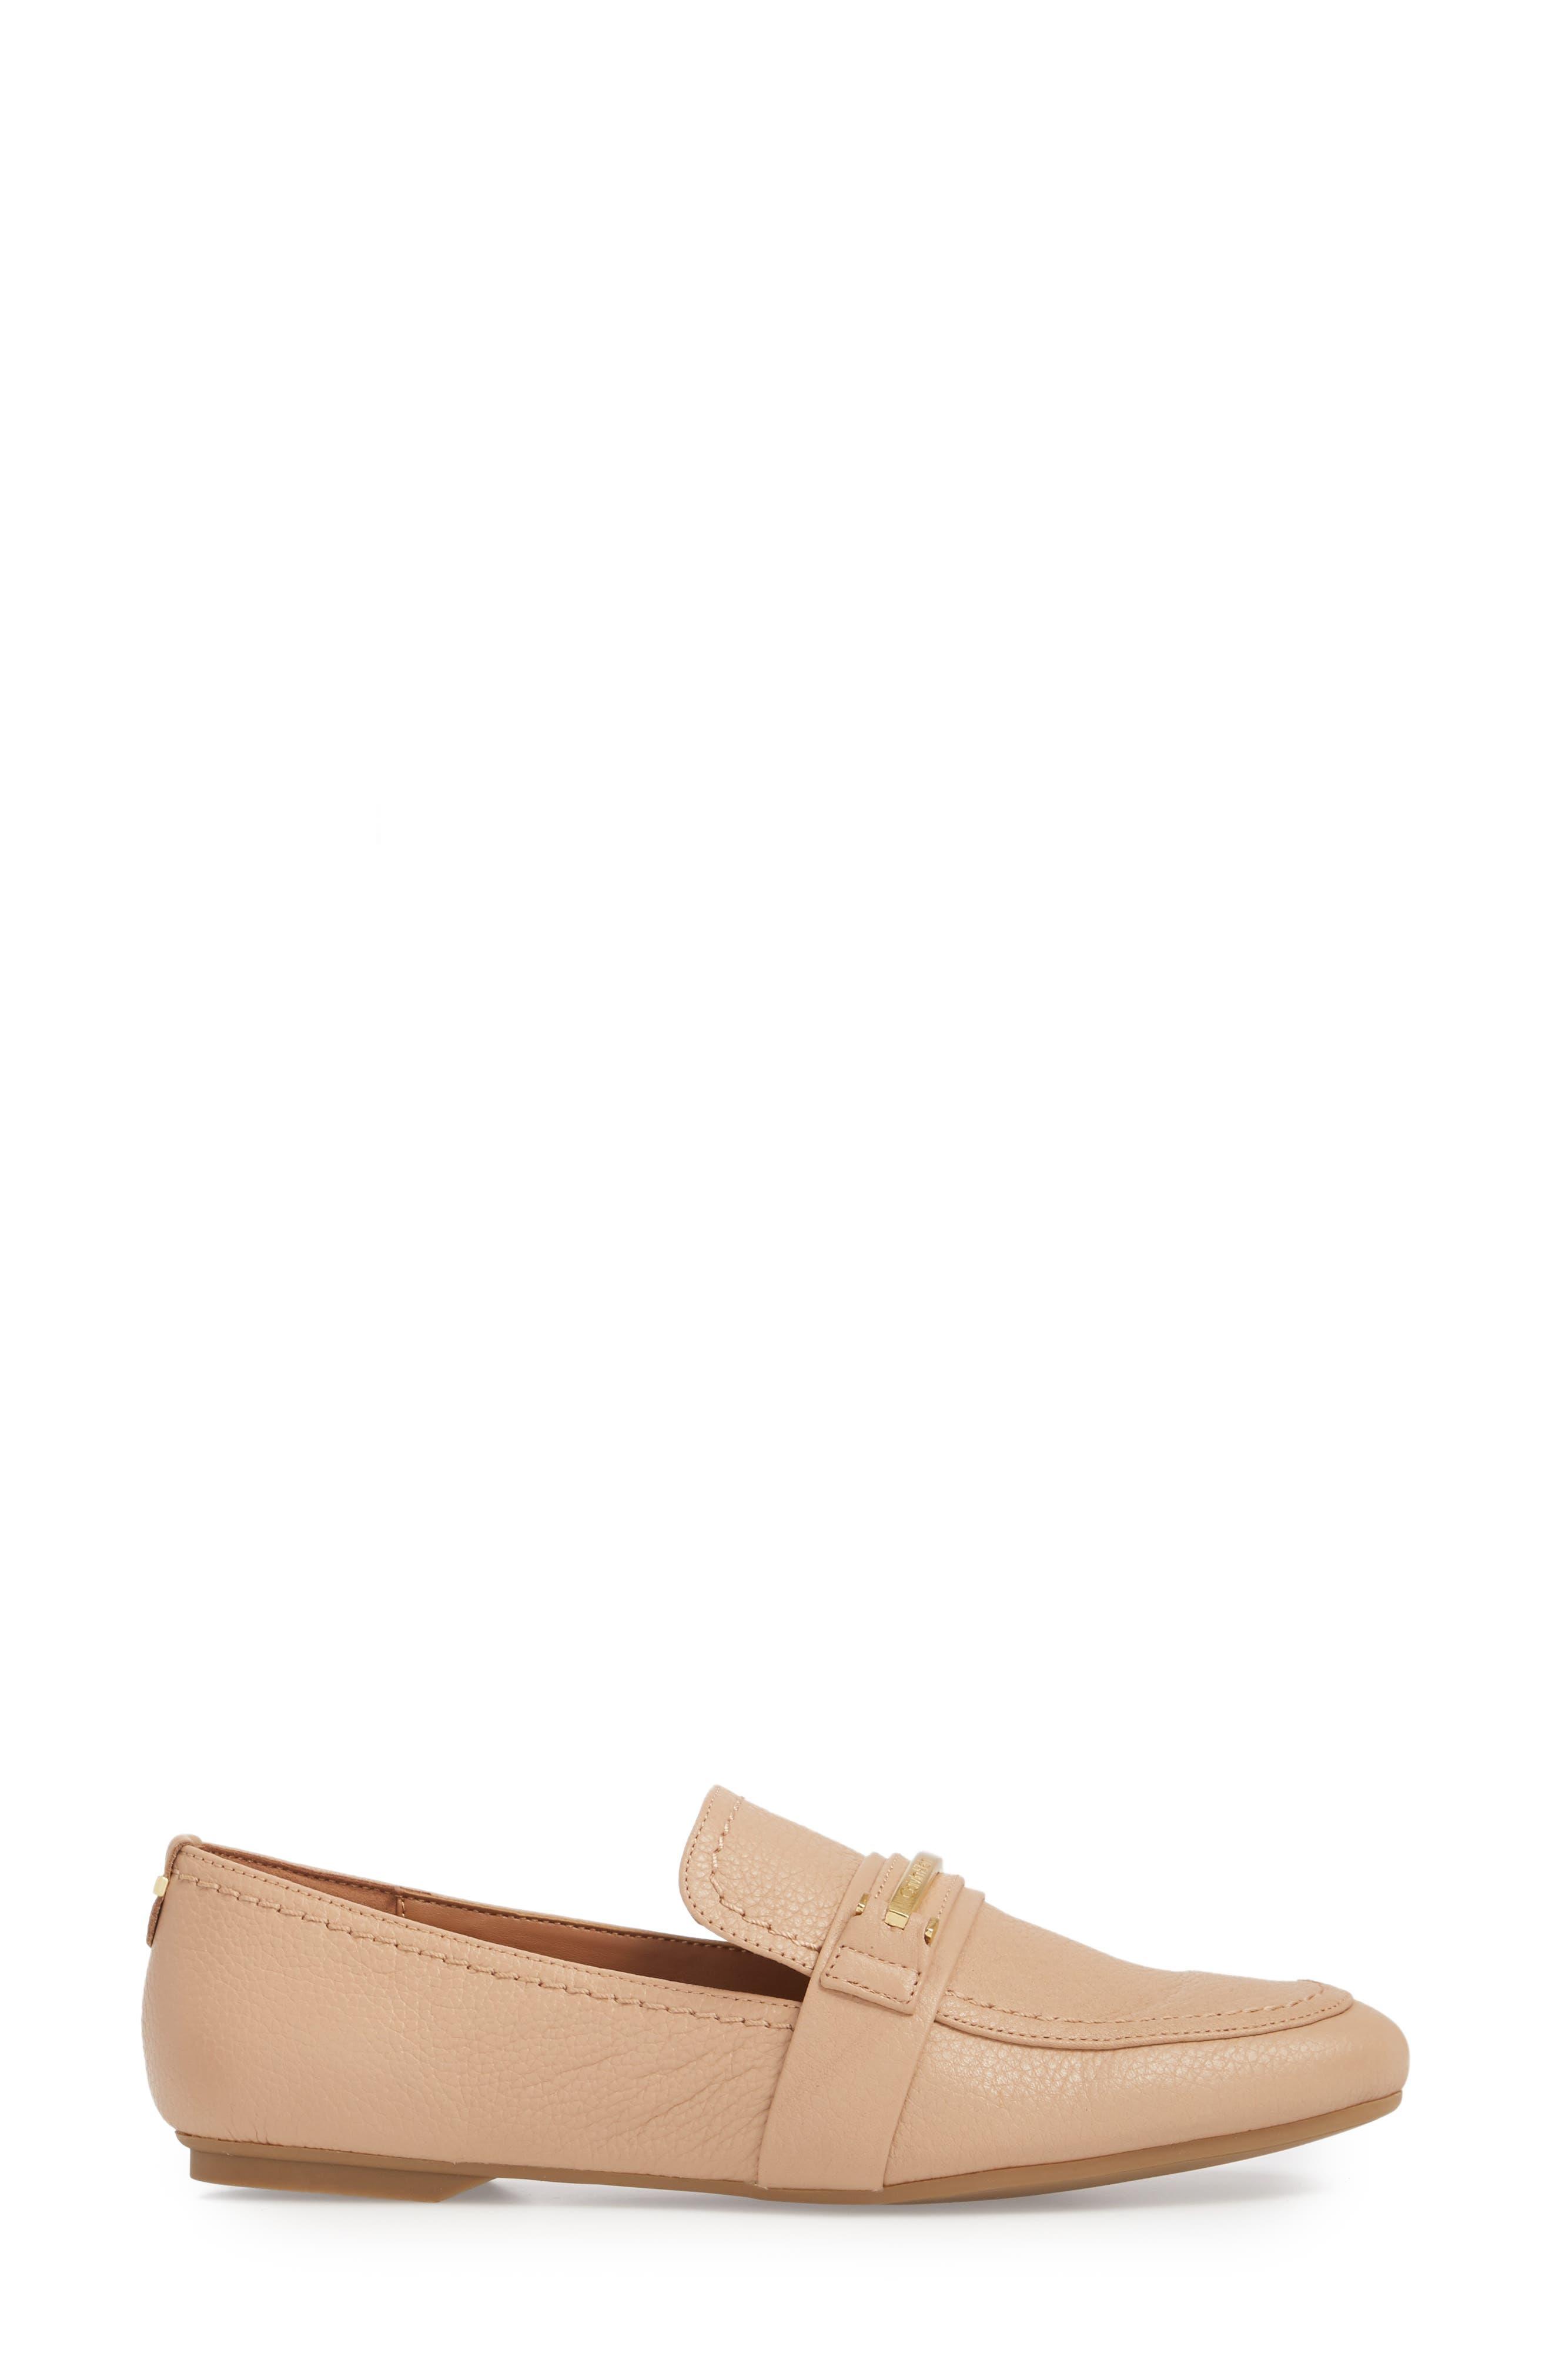 Orianna Loafer,                             Alternate thumbnail 3, color,                             Desert Sand Leather